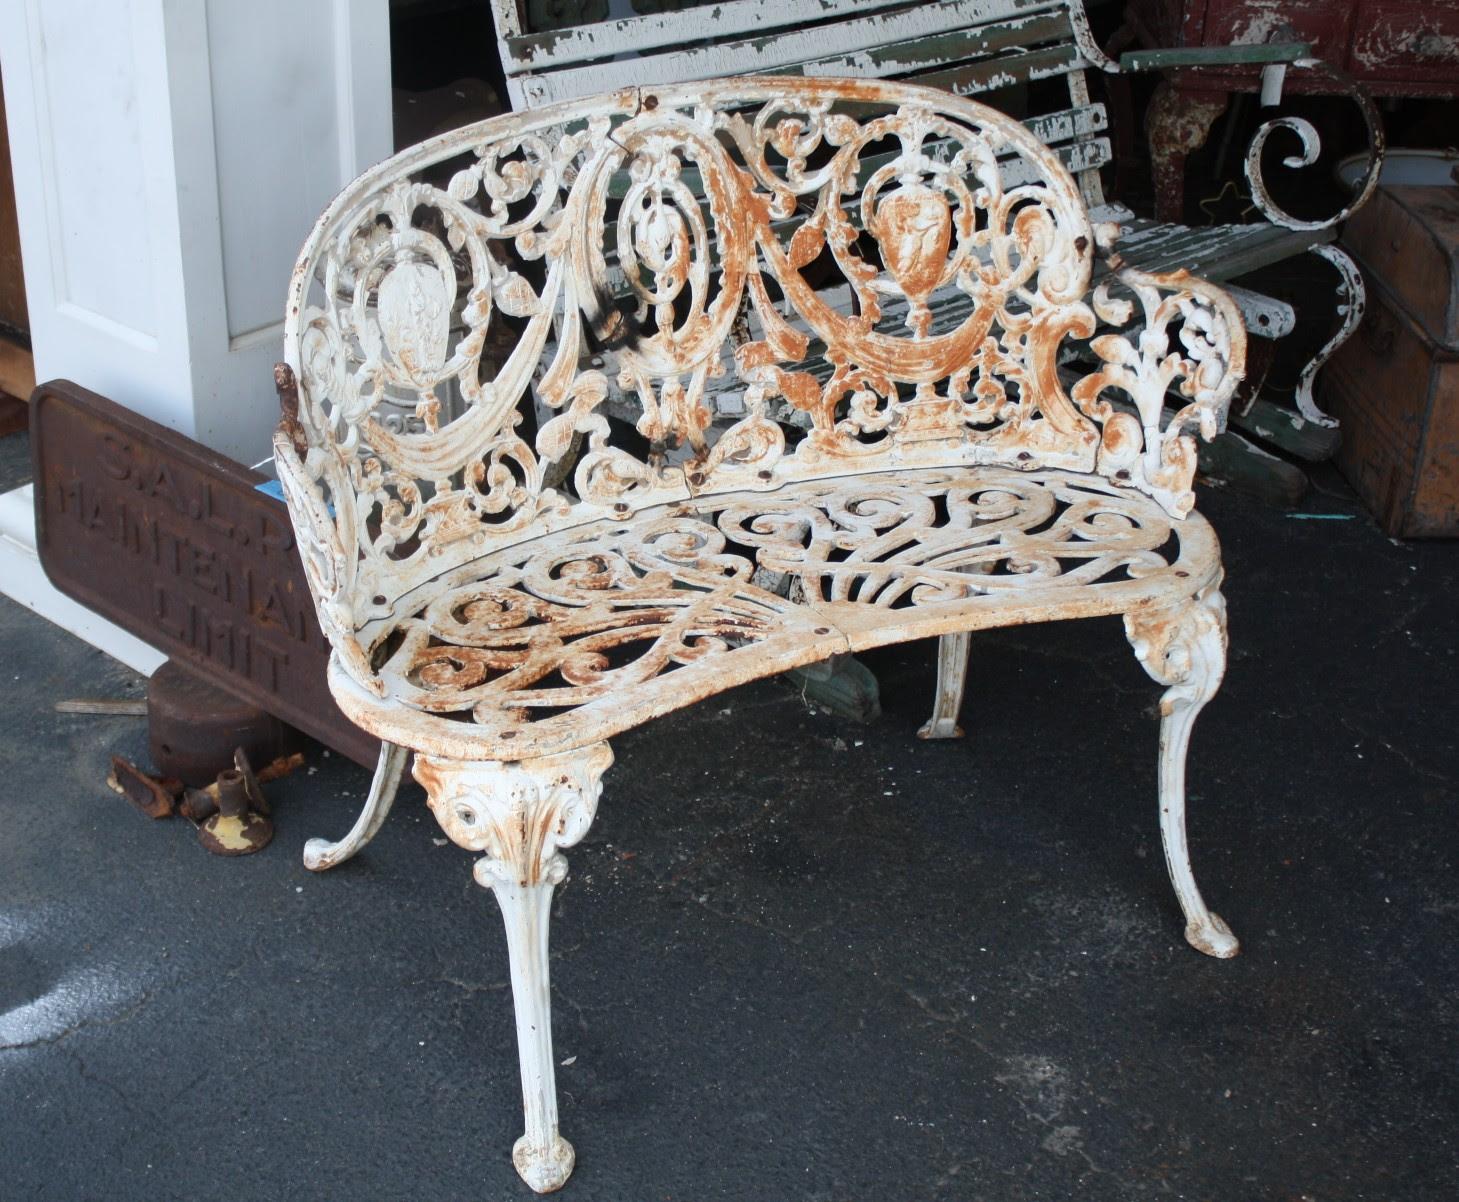 Super Ornate Cast Iron Garden Set For Sale | Antiques.com ...